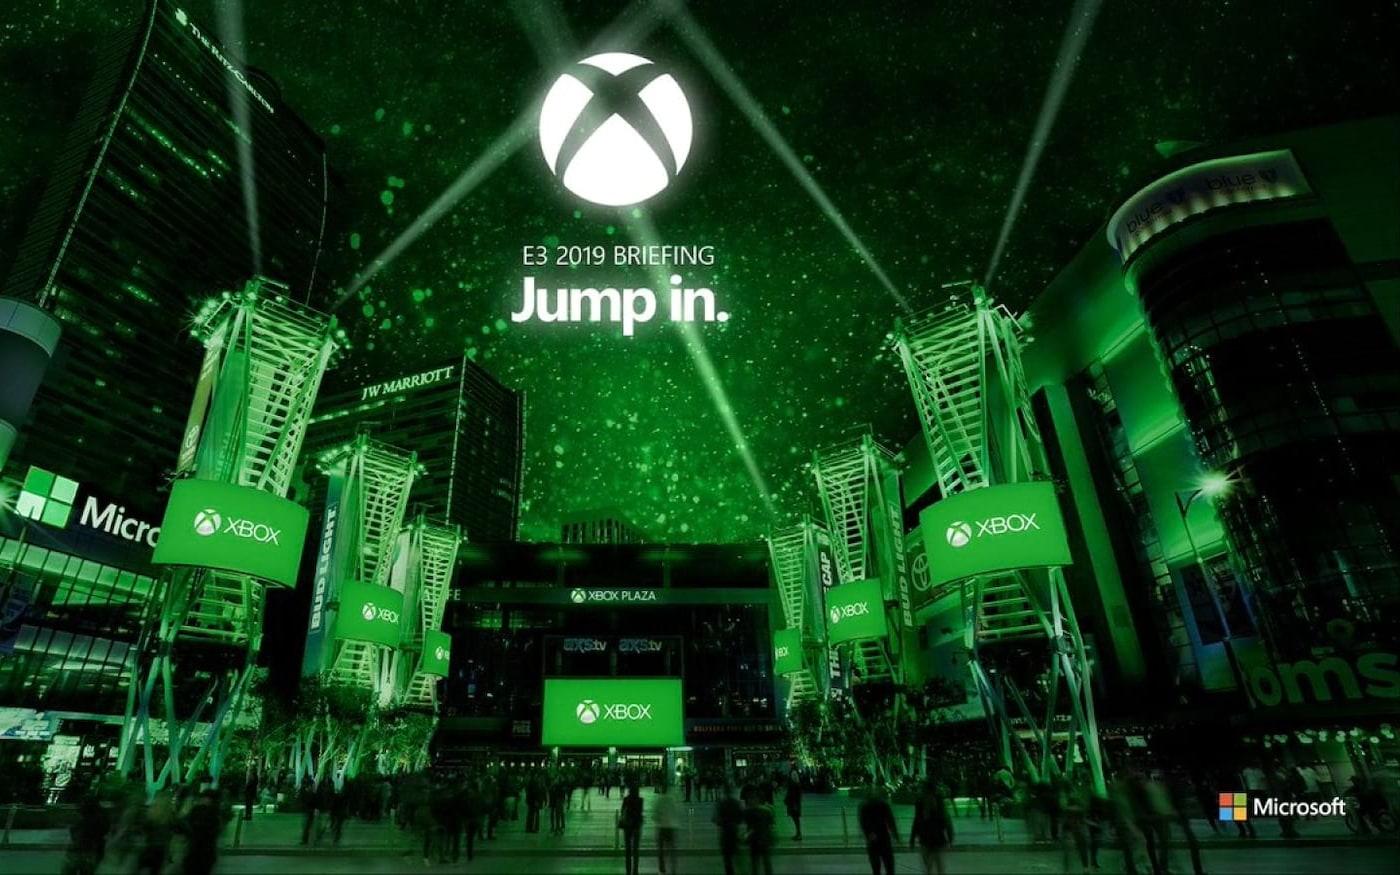 Conferência da Microsoft na E3 2019: Xbox ganha novos jogos